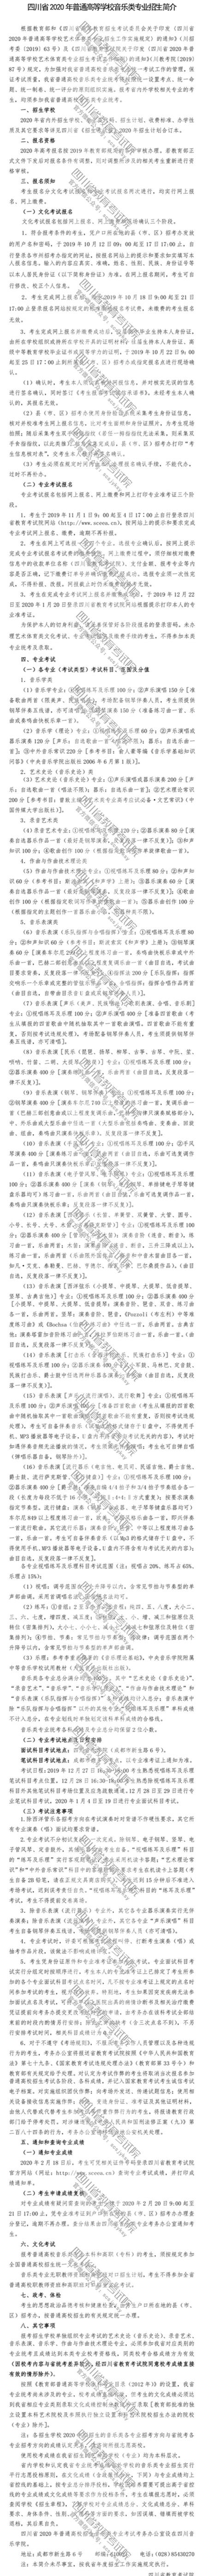 2020年四川高考音乐类招生简章